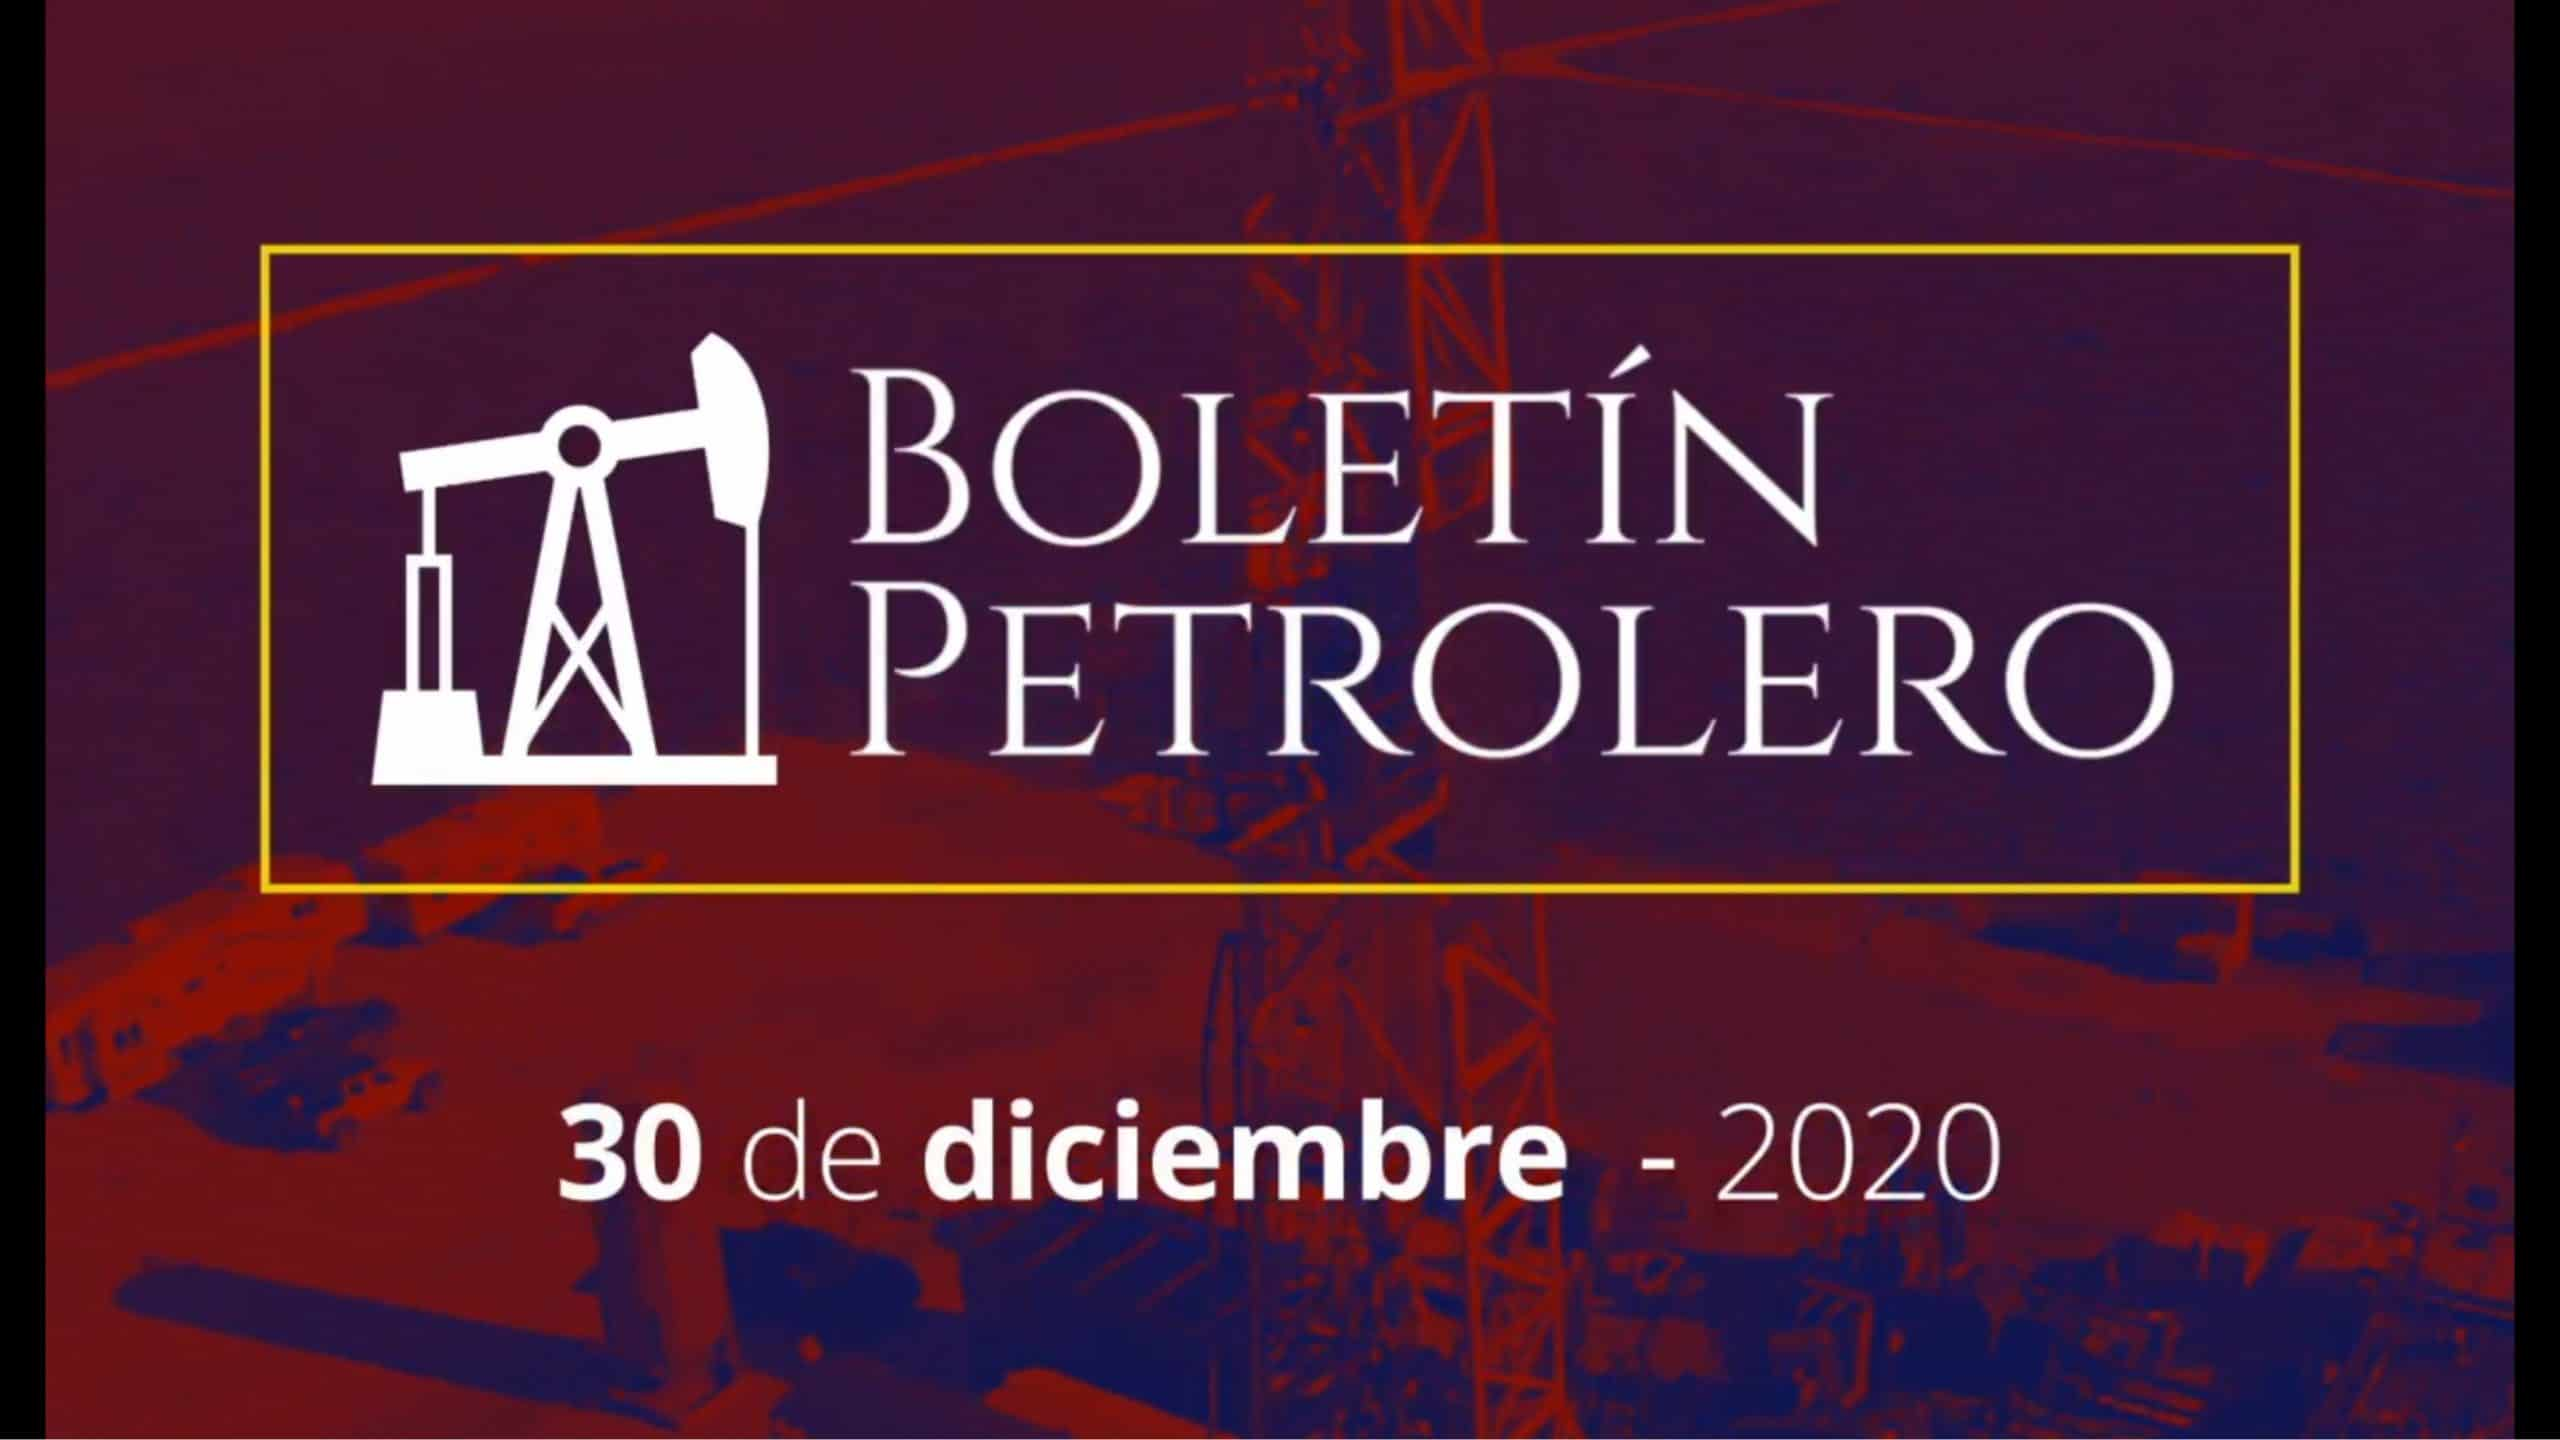 Boletín Petrolero 30 de diciembre 2020